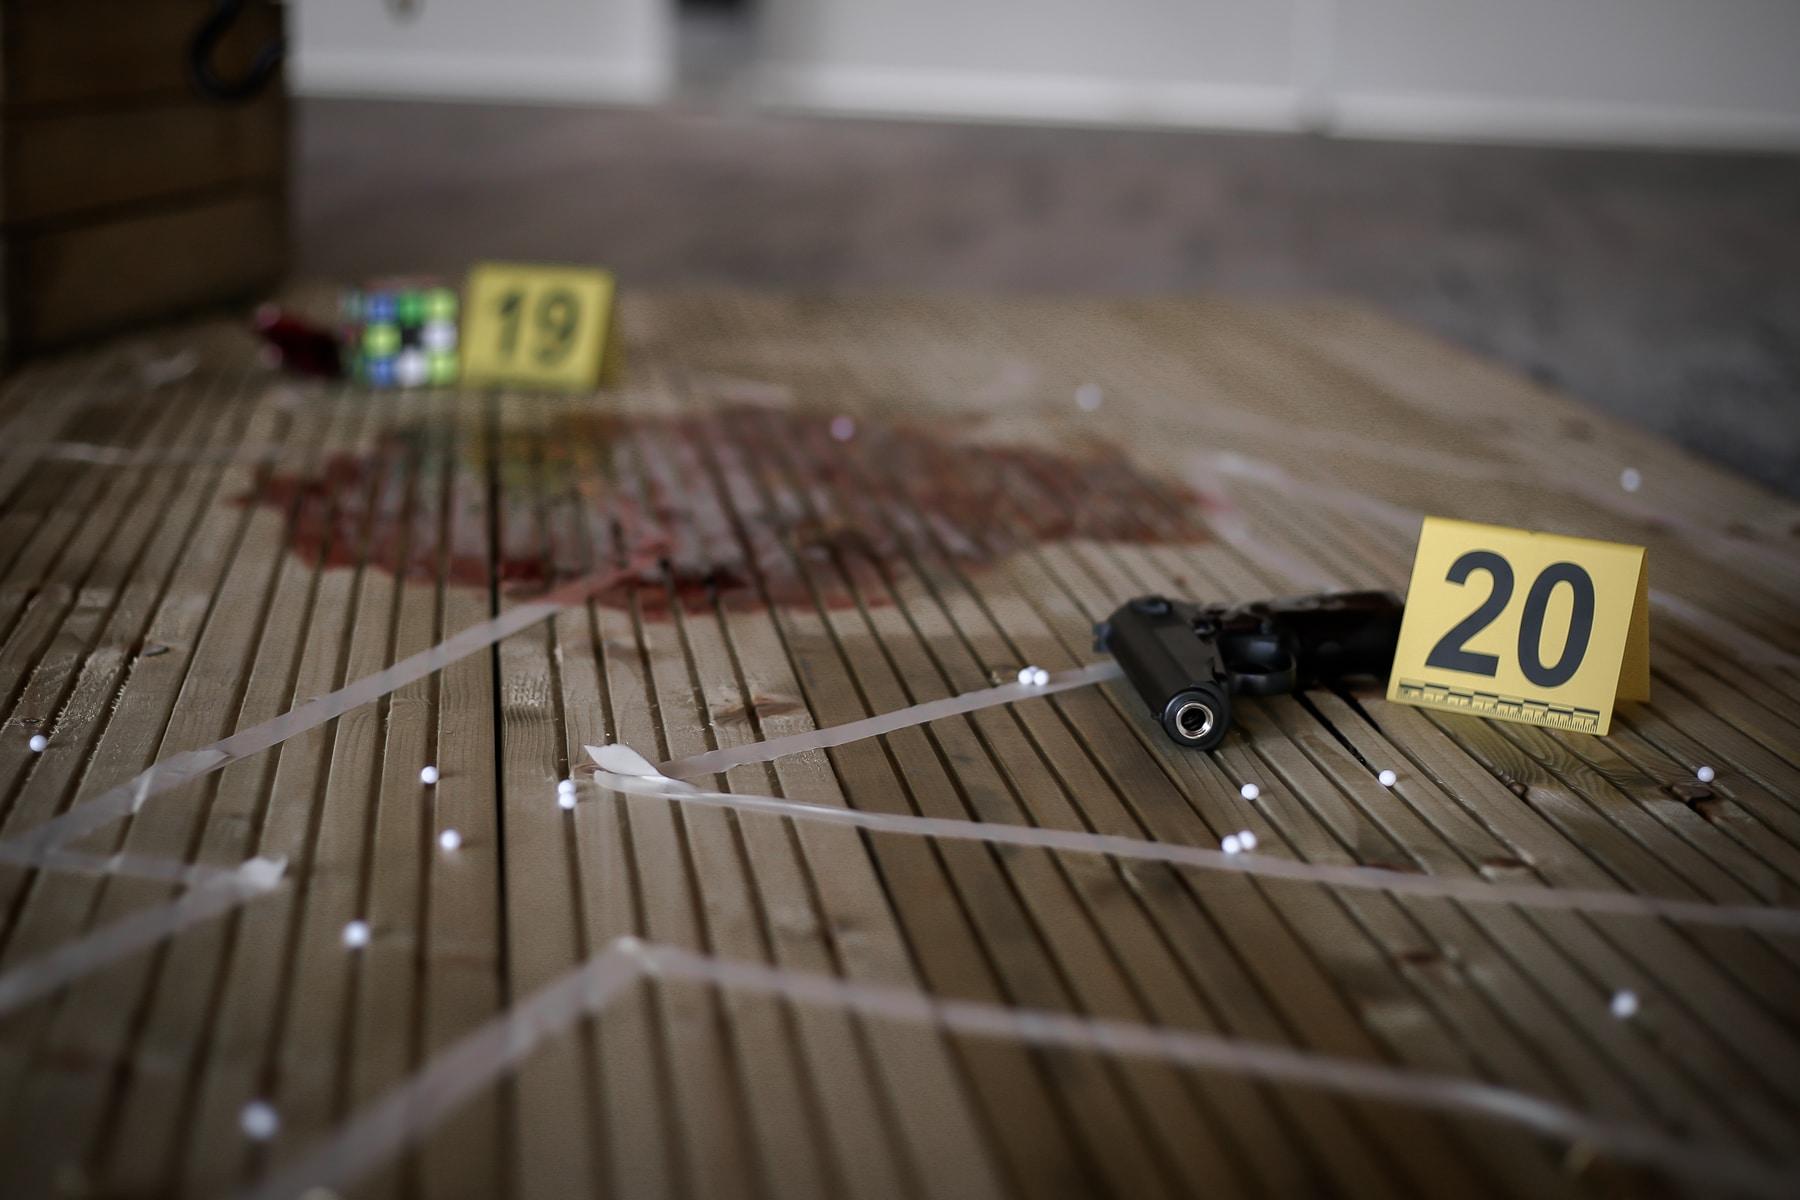 scène reconstitution d'un meurtre - événementiel Arpège